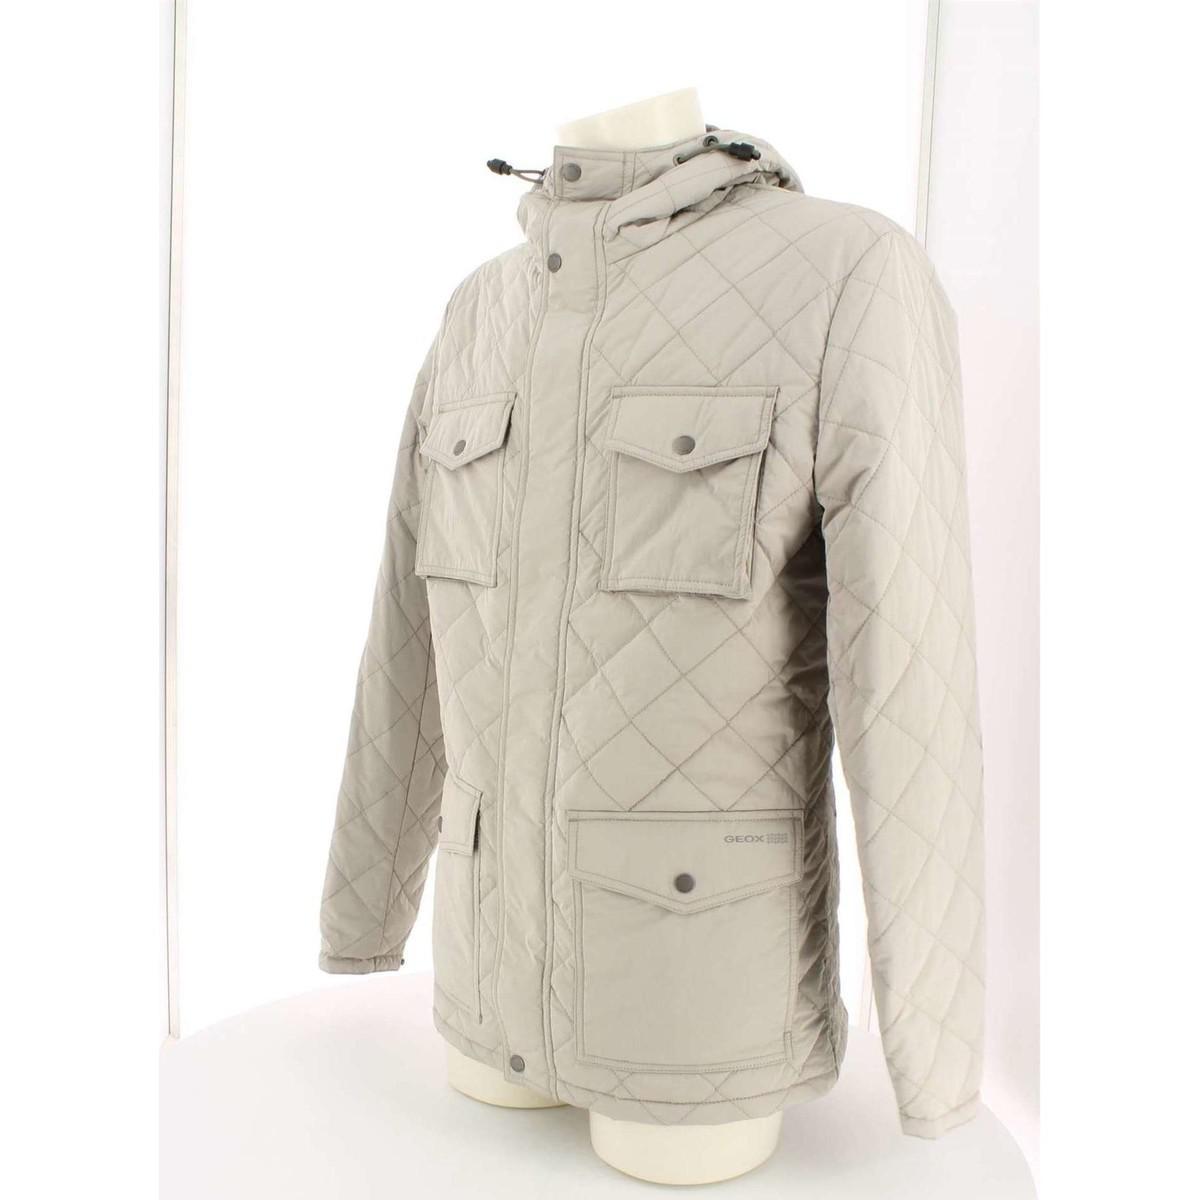 Geox M3420r T1931 Jacket Man String Men's Parka In Beige in Natural for Men